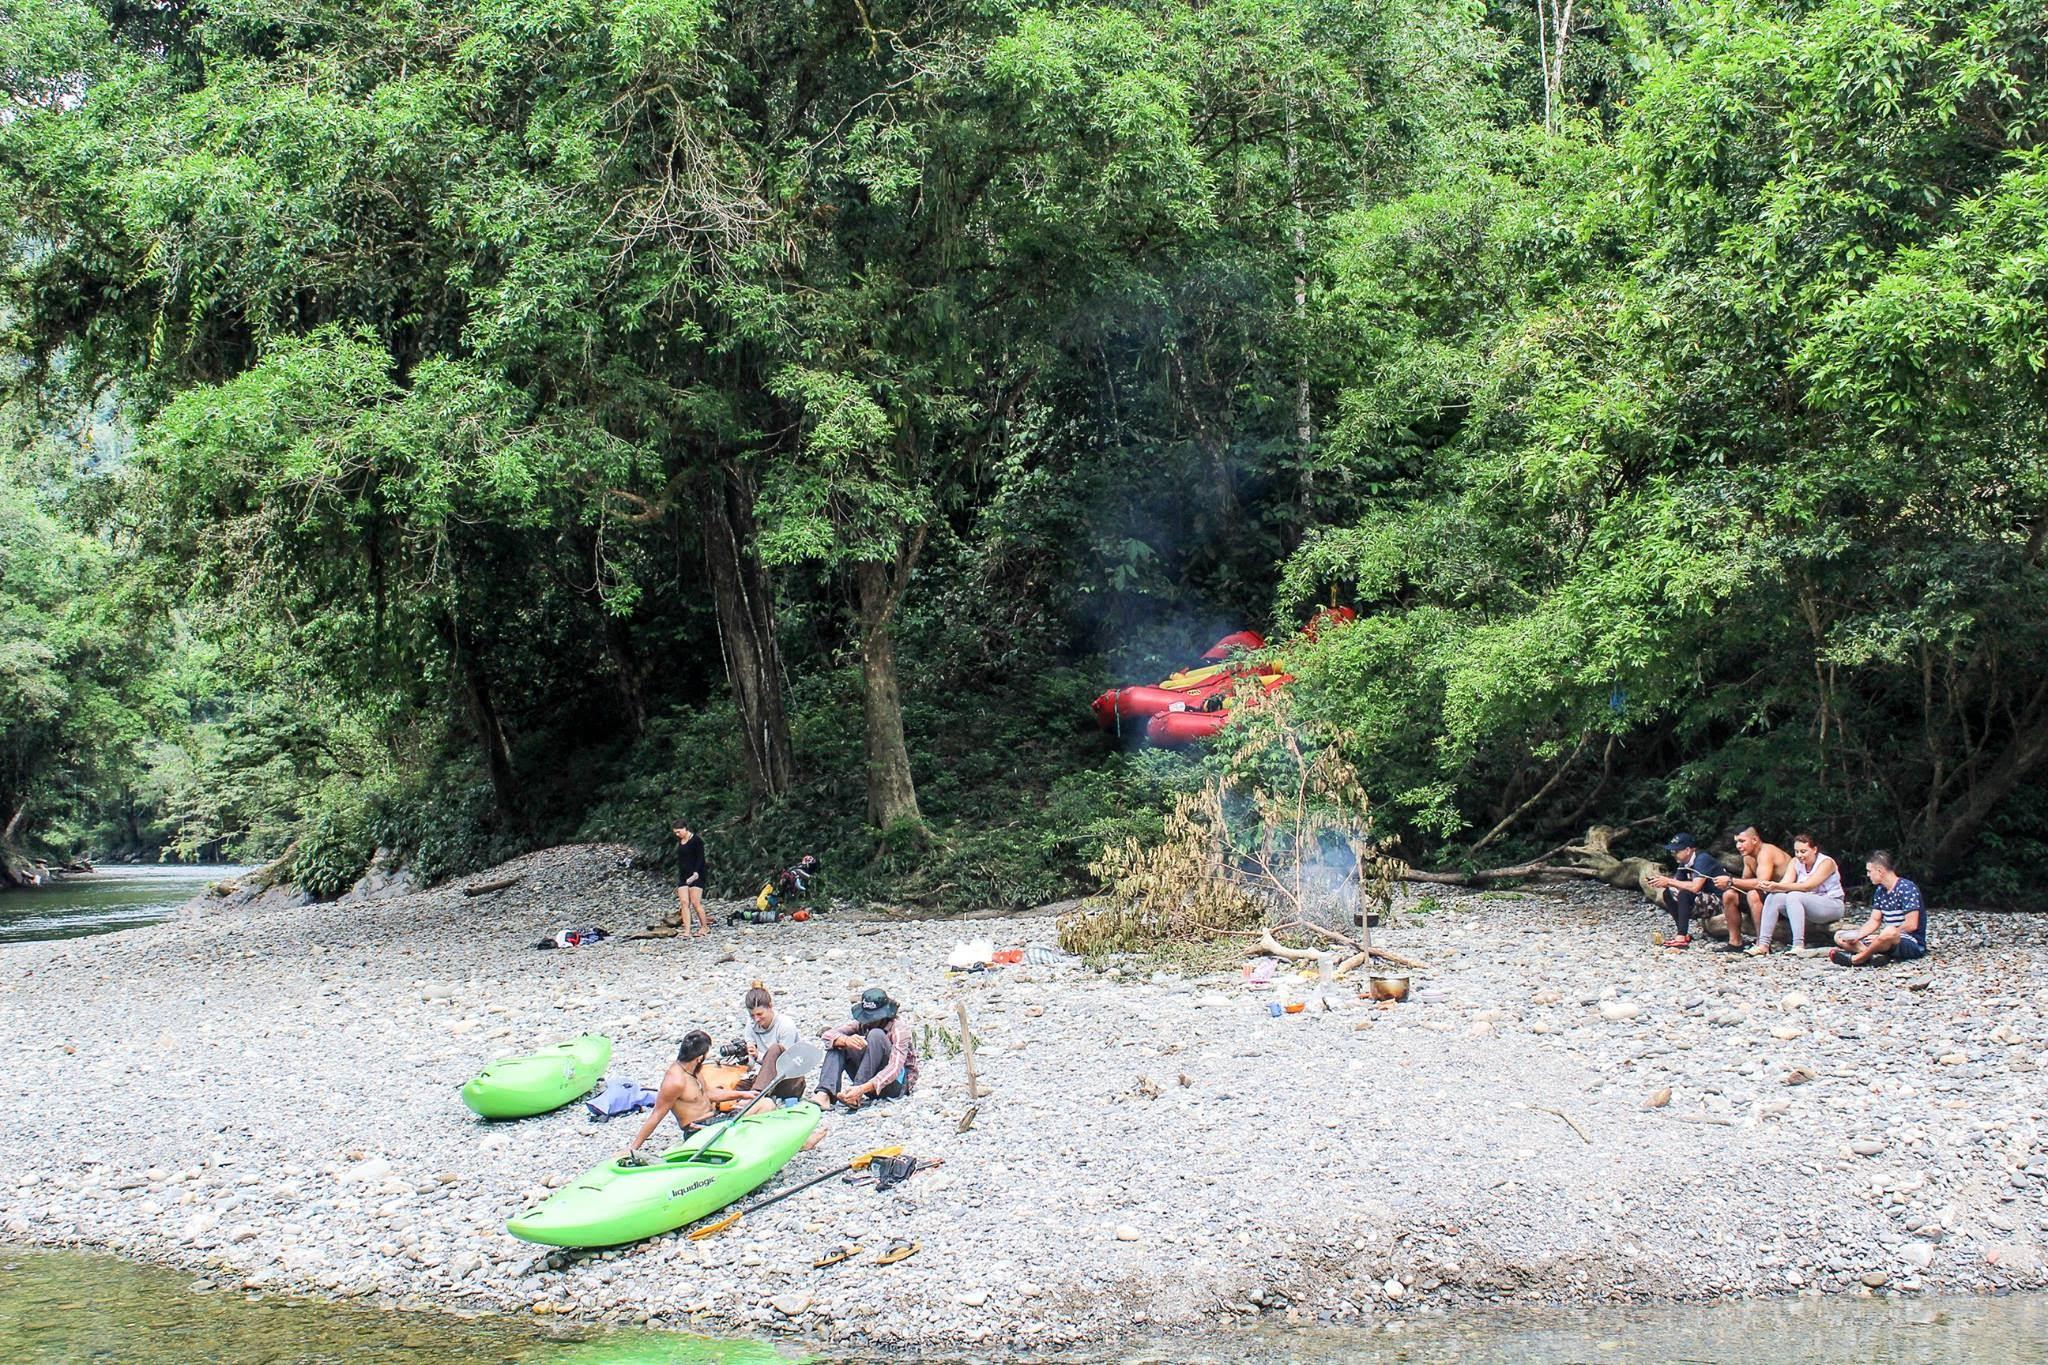 Tobia, Rafting